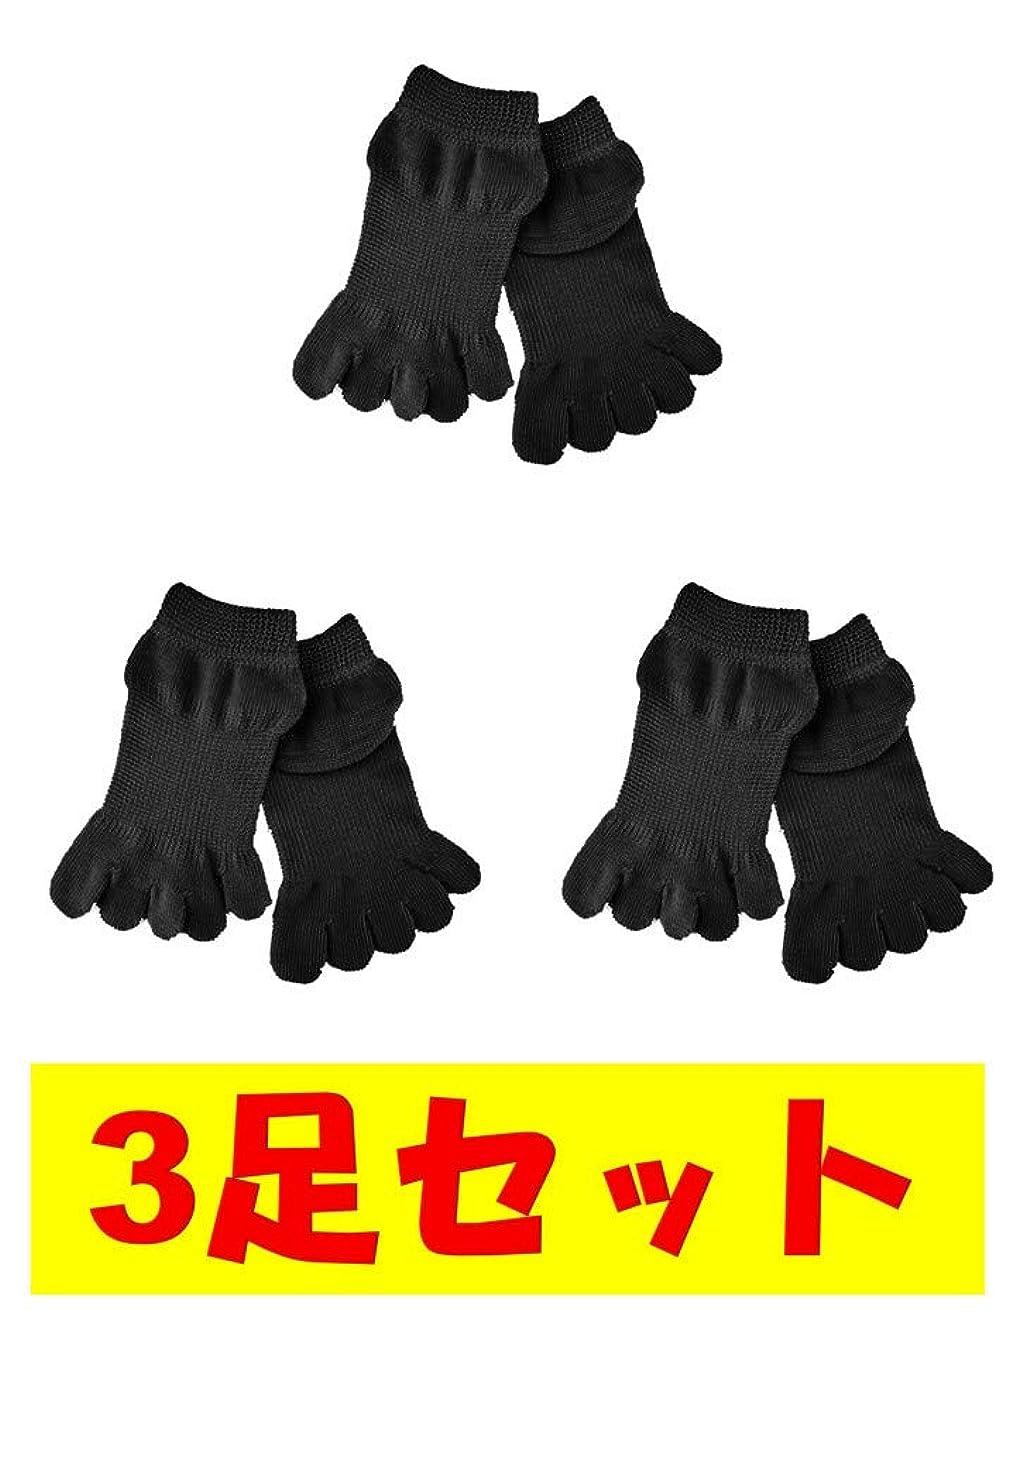 アームストロングロールリボンお買い得3足セット 5本指 ゆびのばソックス ゆびのば アンクル ブラック Mサイズ 25.0cm-27.5cm YSANKL-BLK